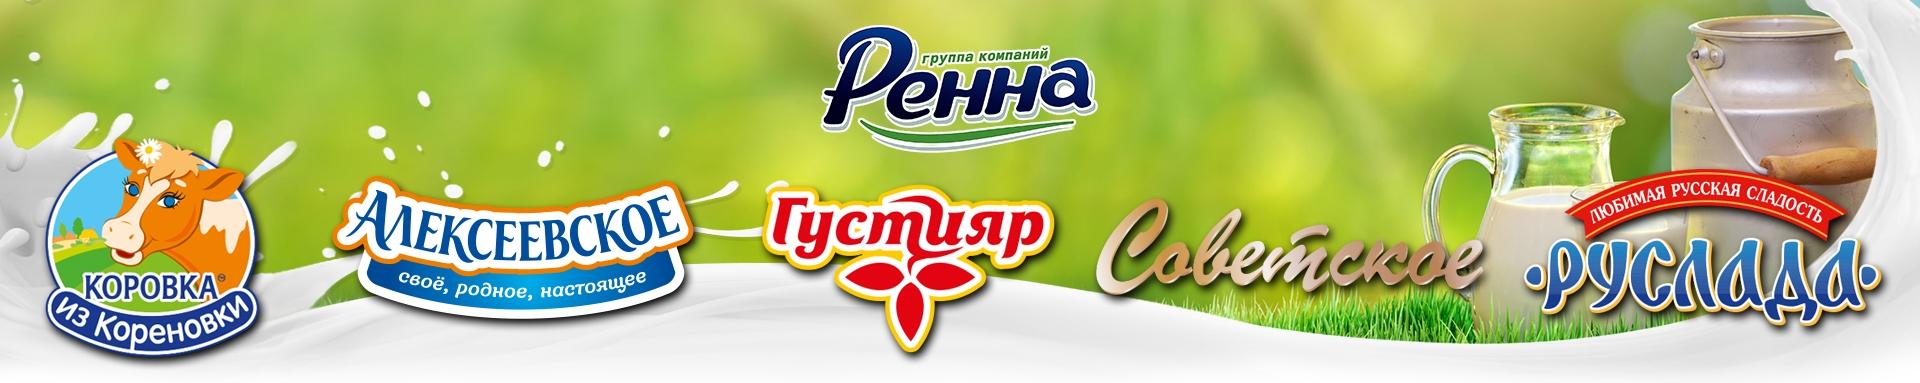 РЕННА группа компаний